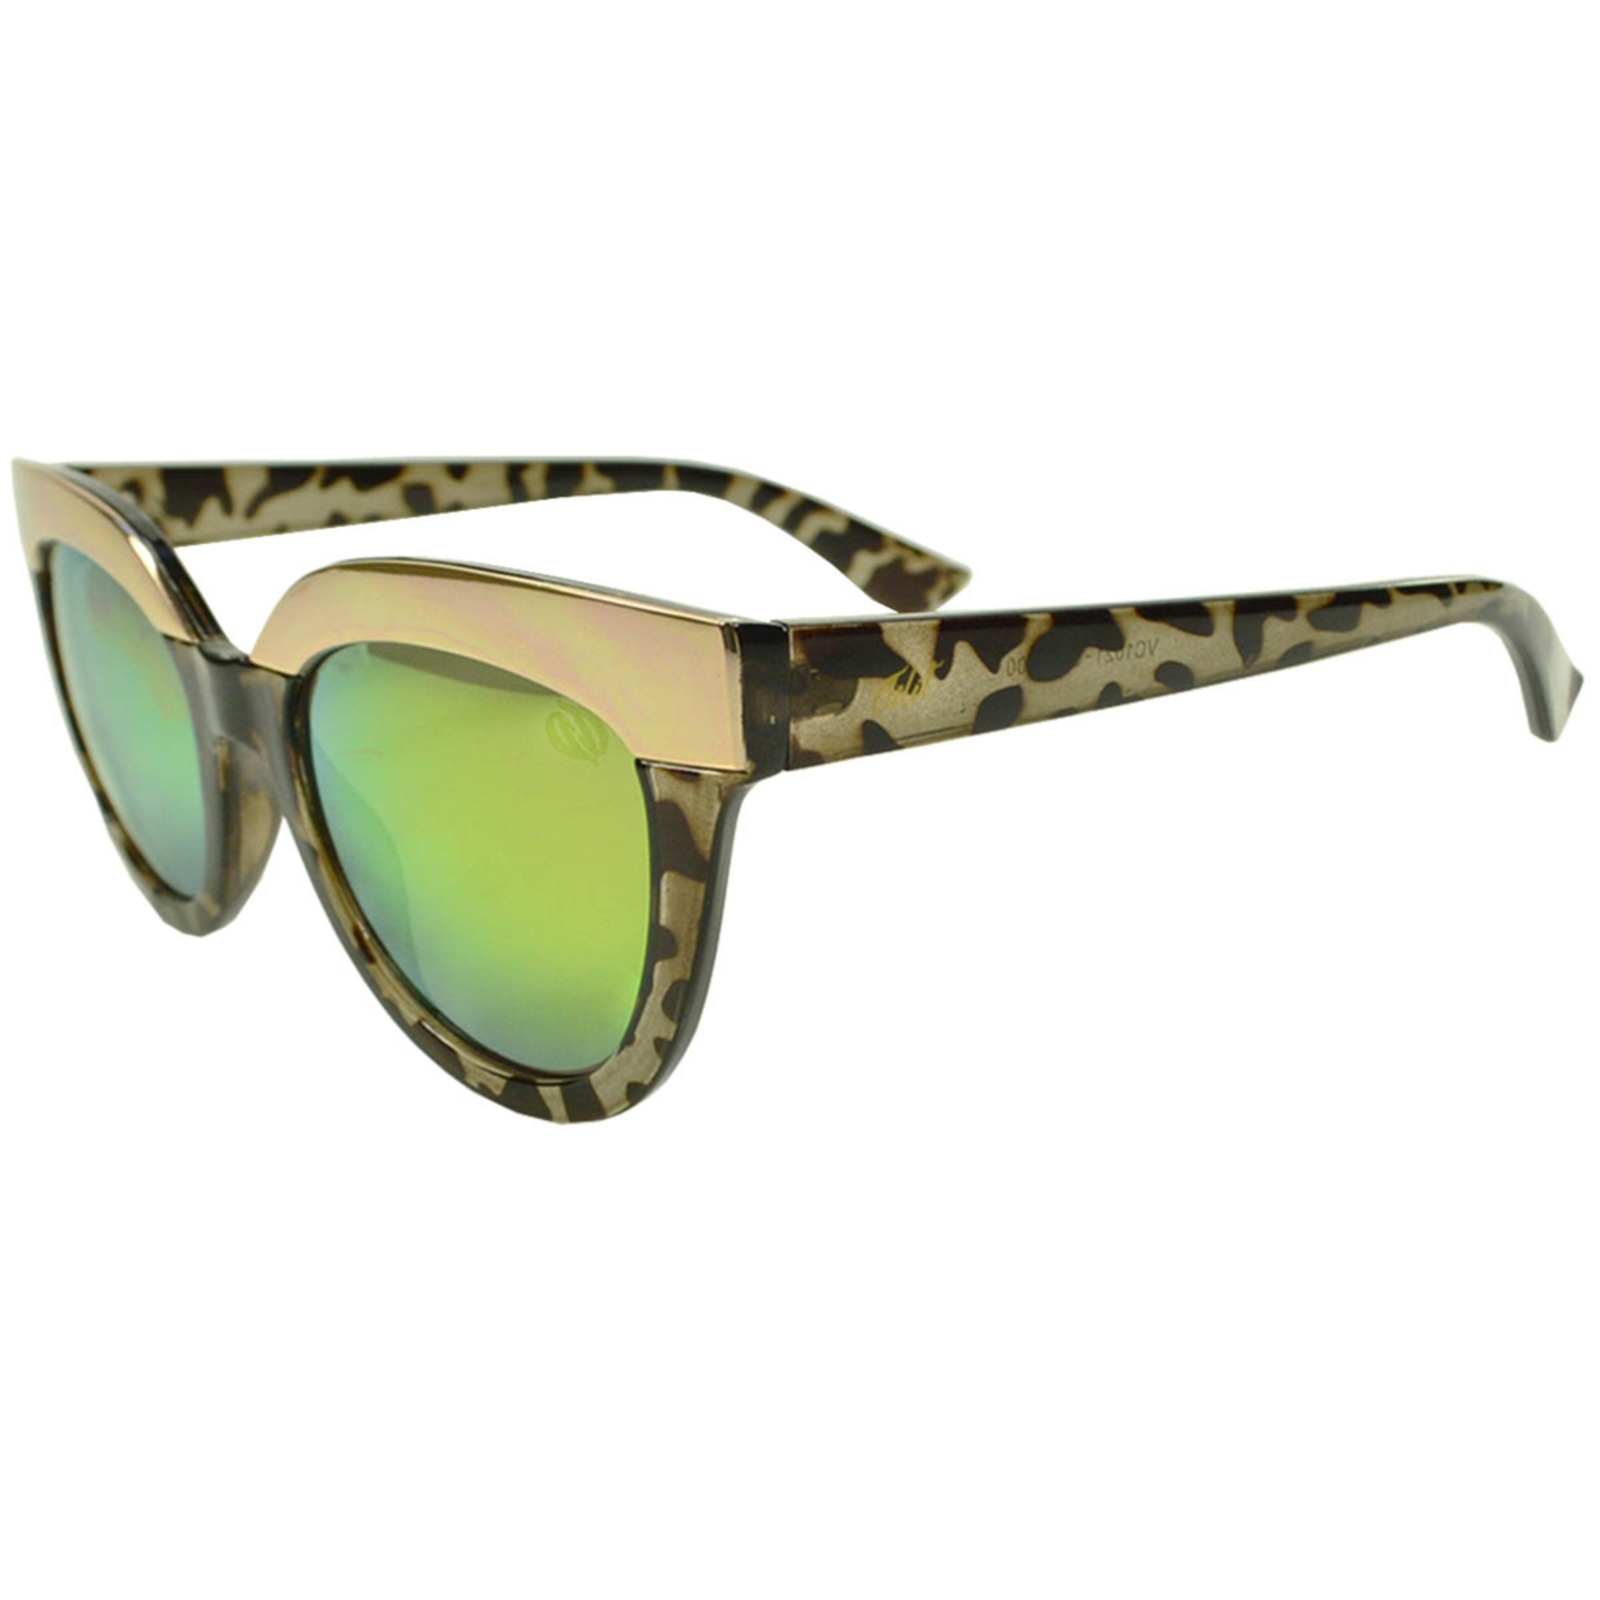 Óculos de Sol Tilit Feminino Acetato Gateado Retrô - Tarta Escuro